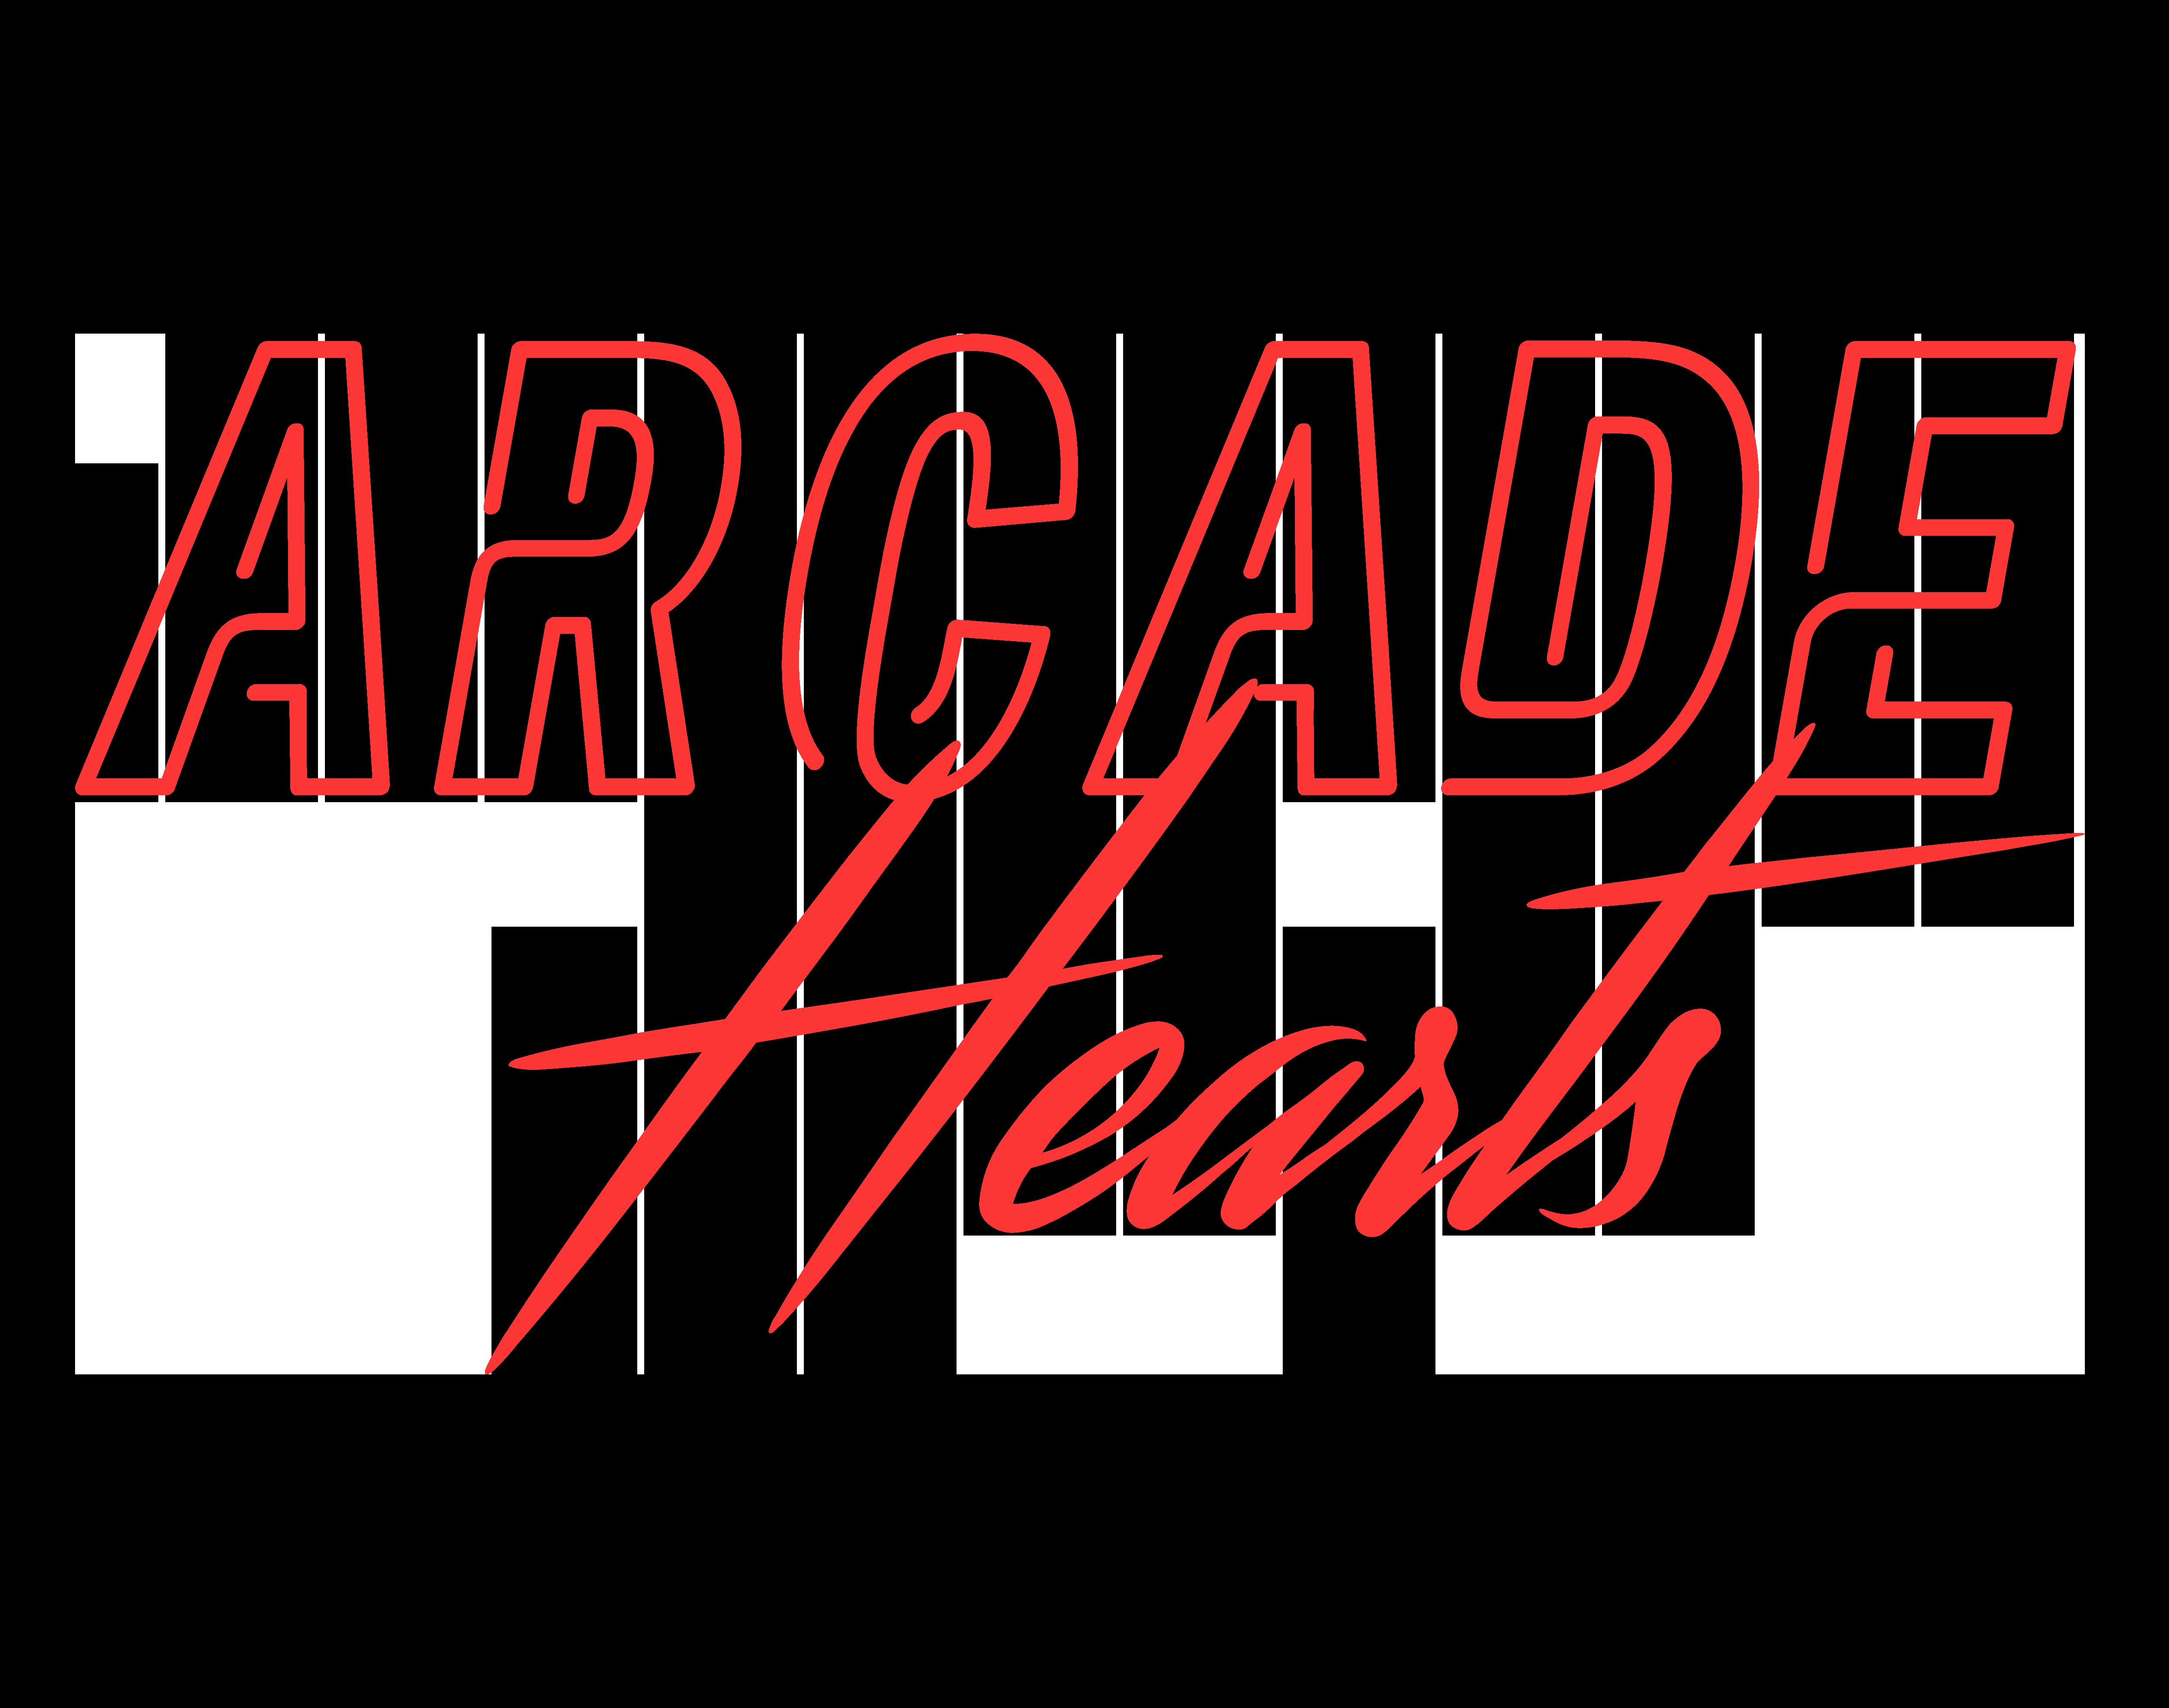 Arcade Hearts